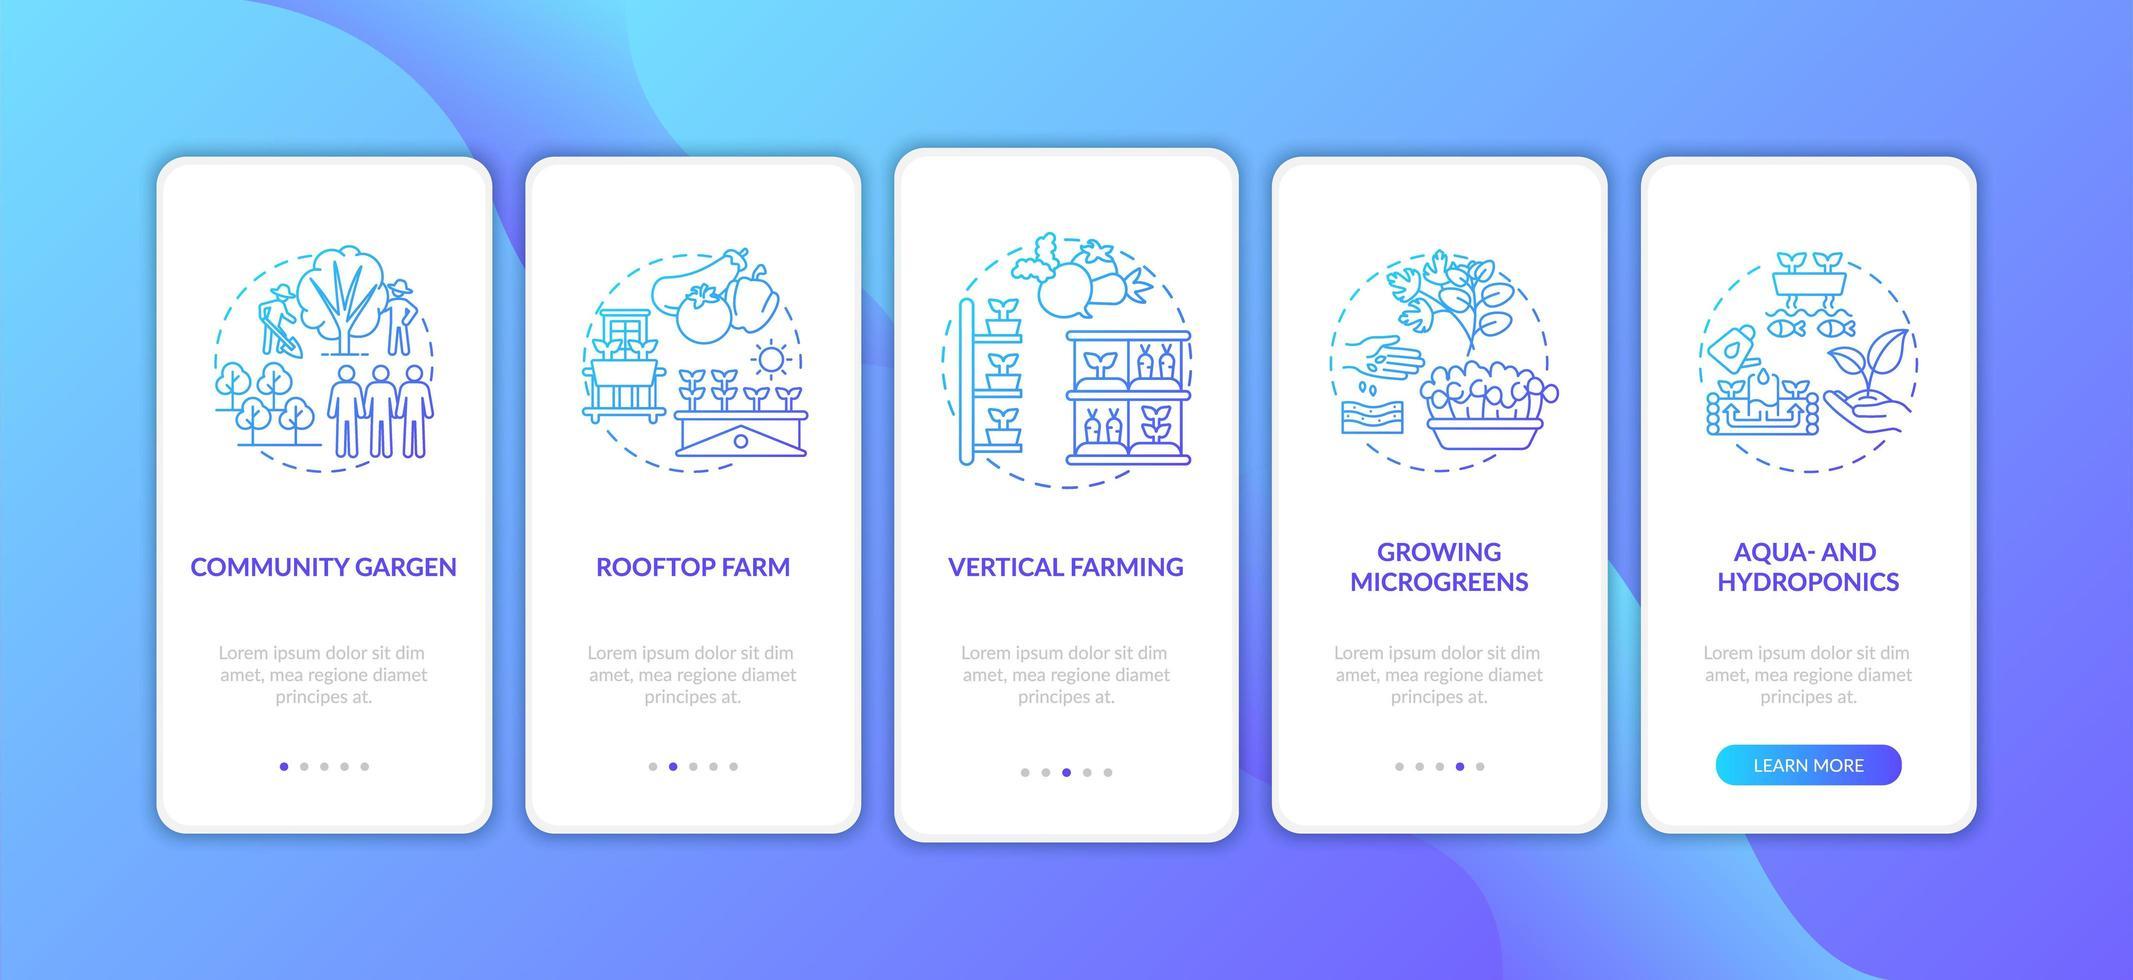 tela da página do aplicativo móvel de integração de agricultura urbana com conceitos vetor